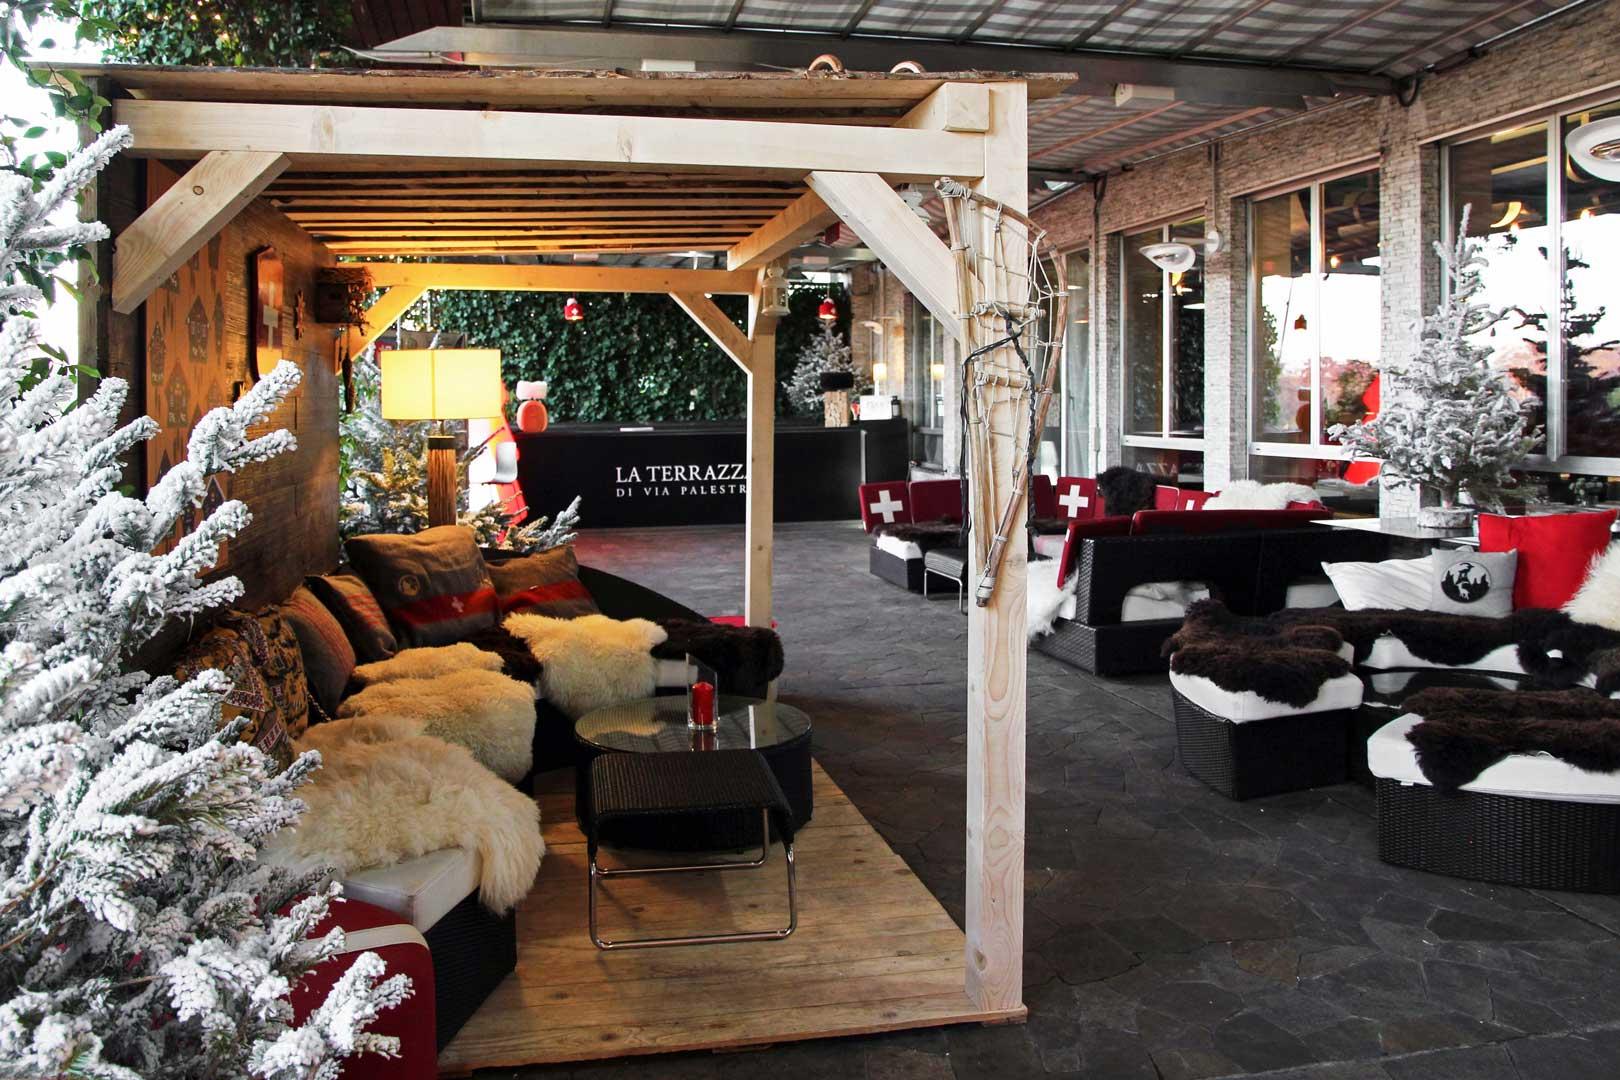 Swiss Winter Lounge La Terrazza Di Via Palestro